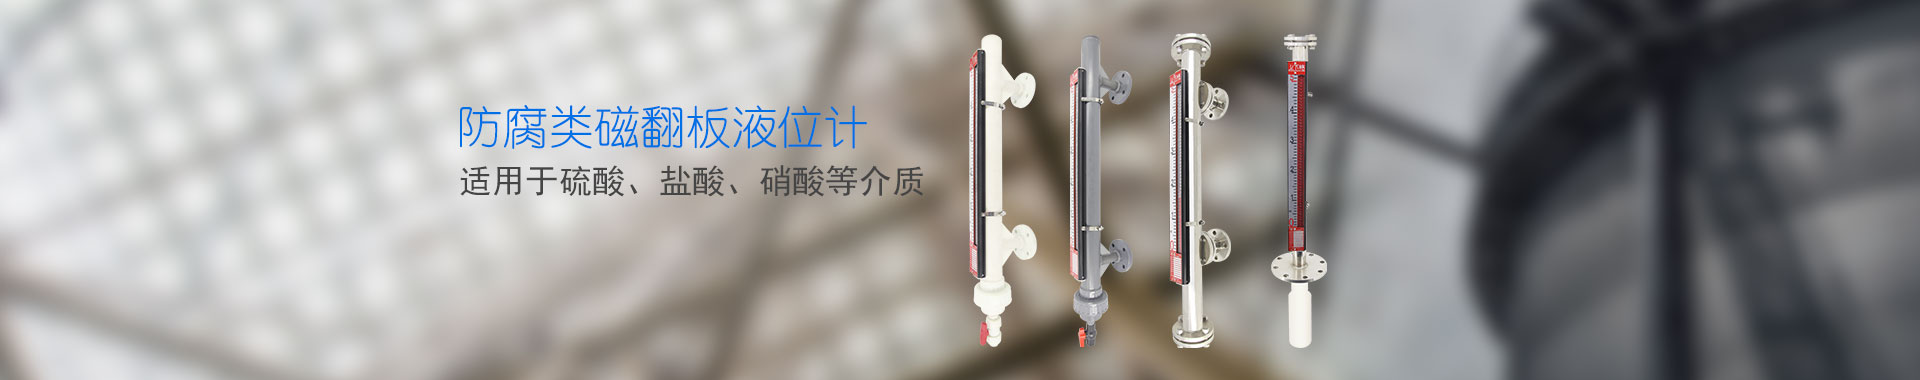 防腐类磁翻板液位计-banner